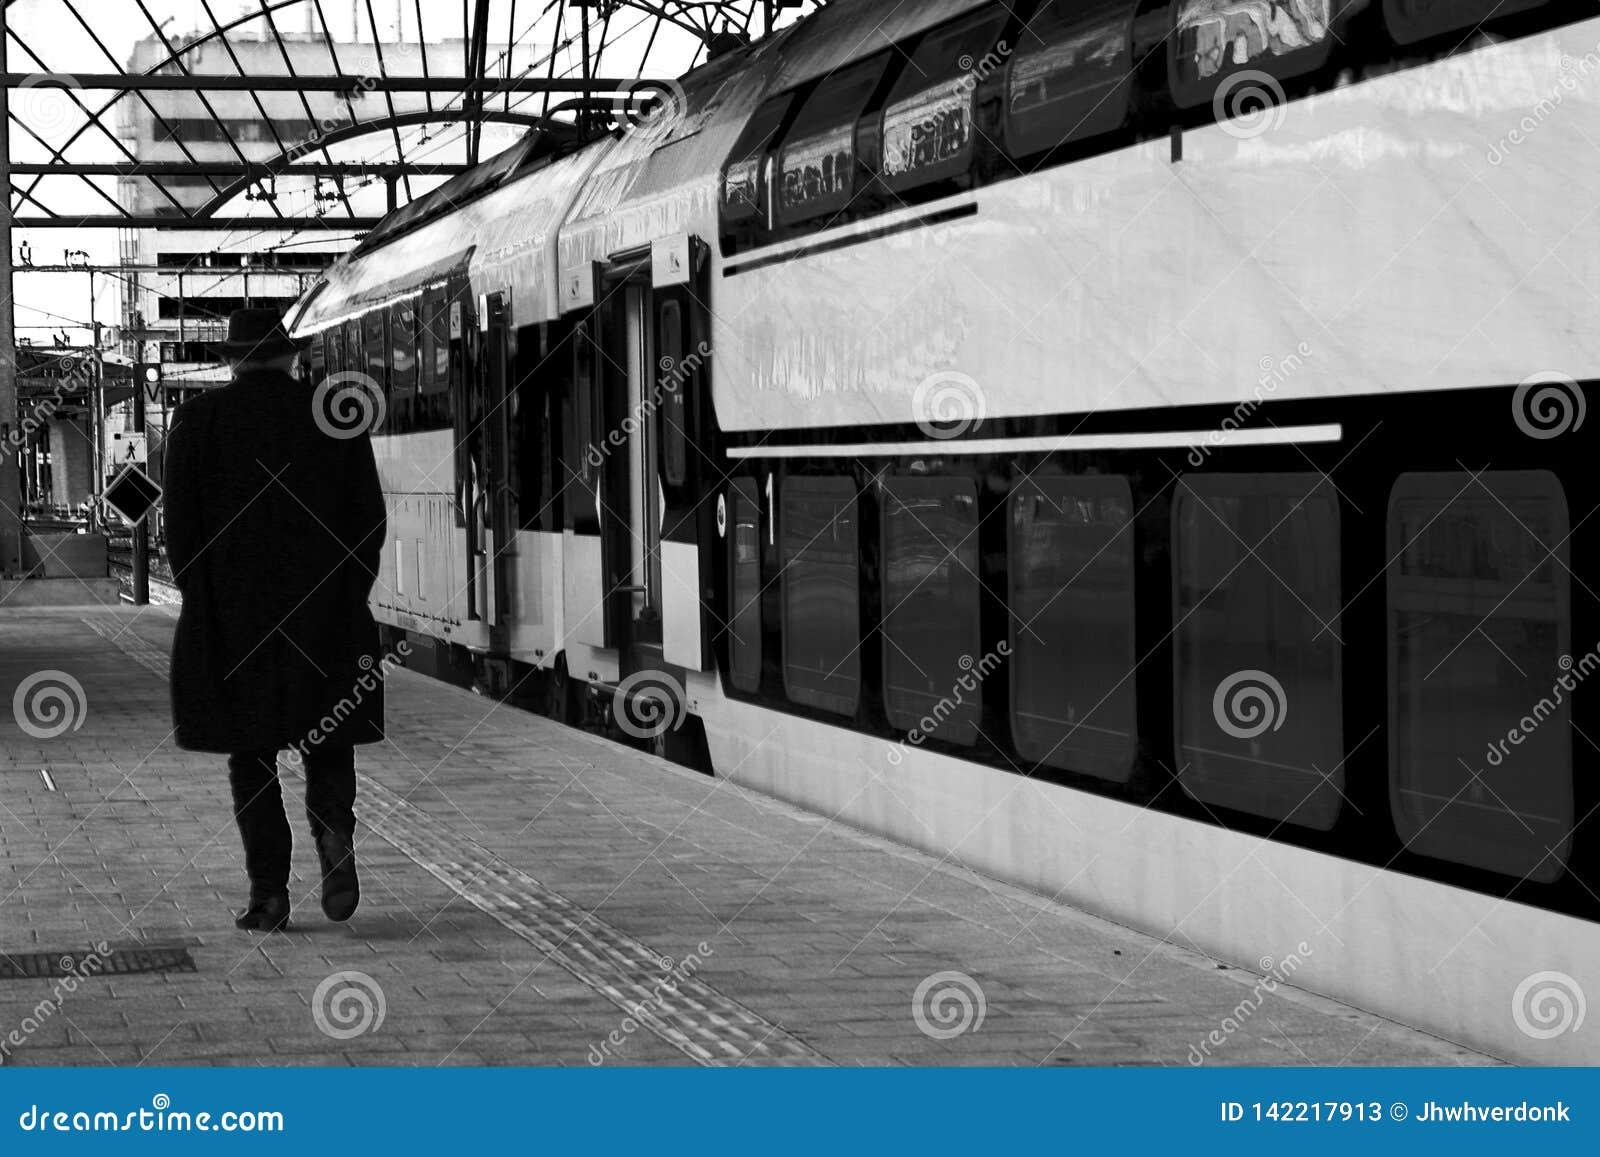 Viejo hombre que camina a lo largo de un tren de una plataforma vacía que está viajando o dijo adiós alguien - BW